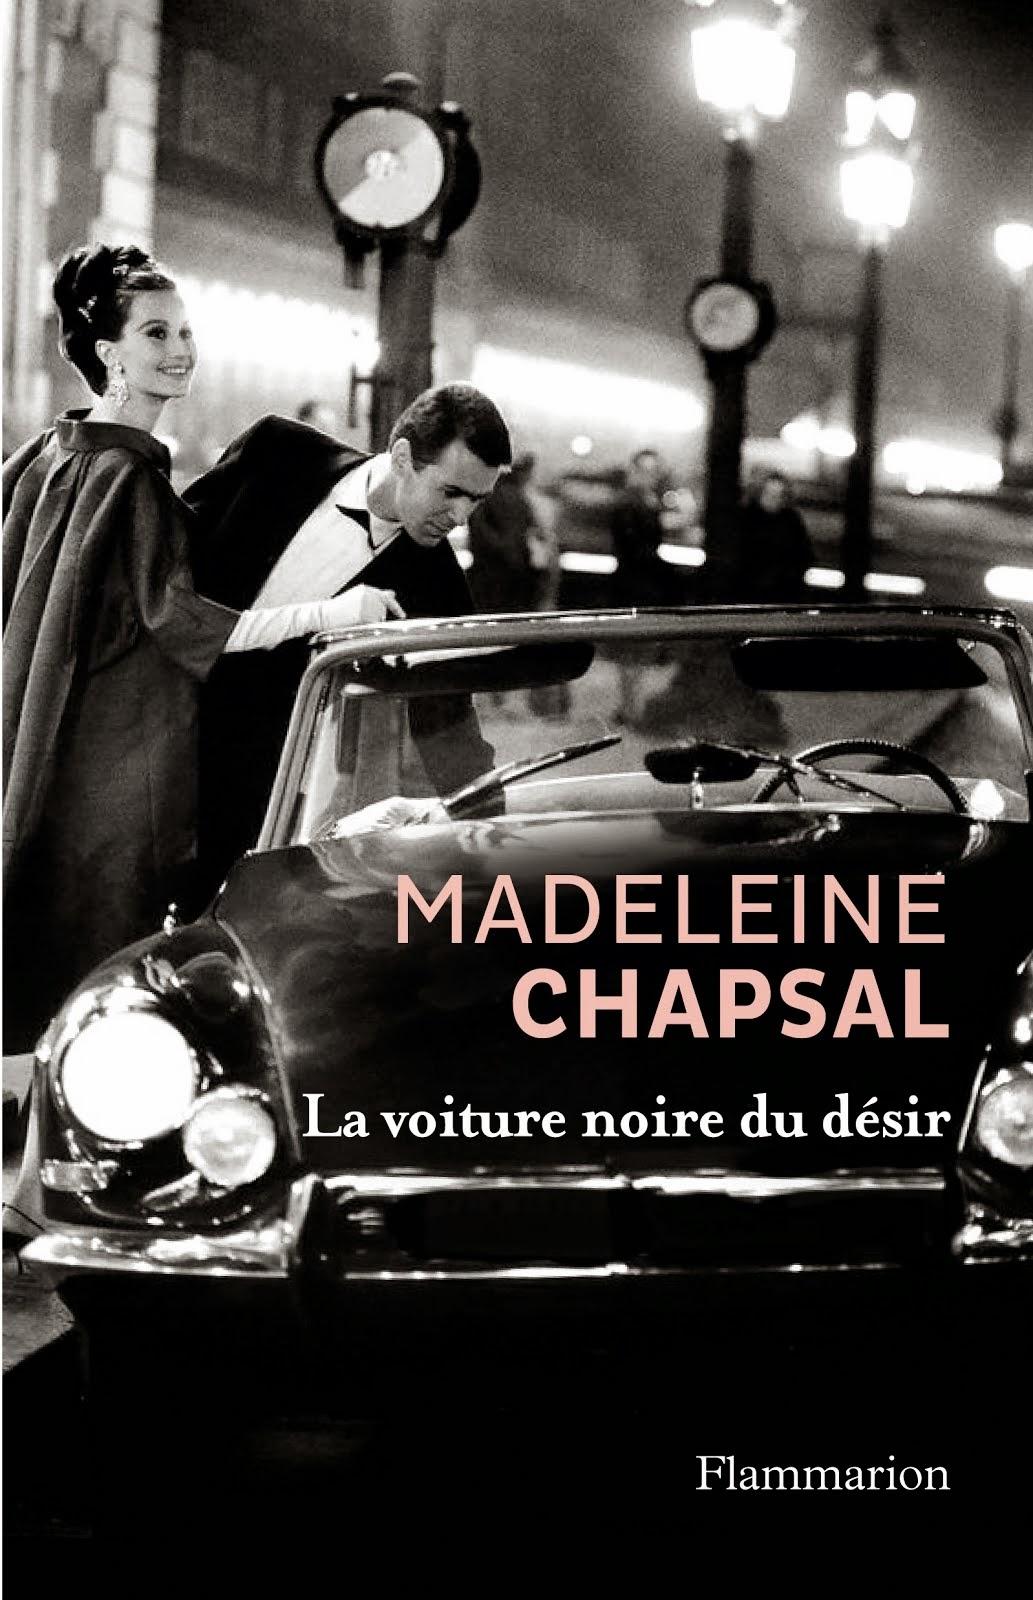 La voiture noire du désir - Madeleine Chapsal